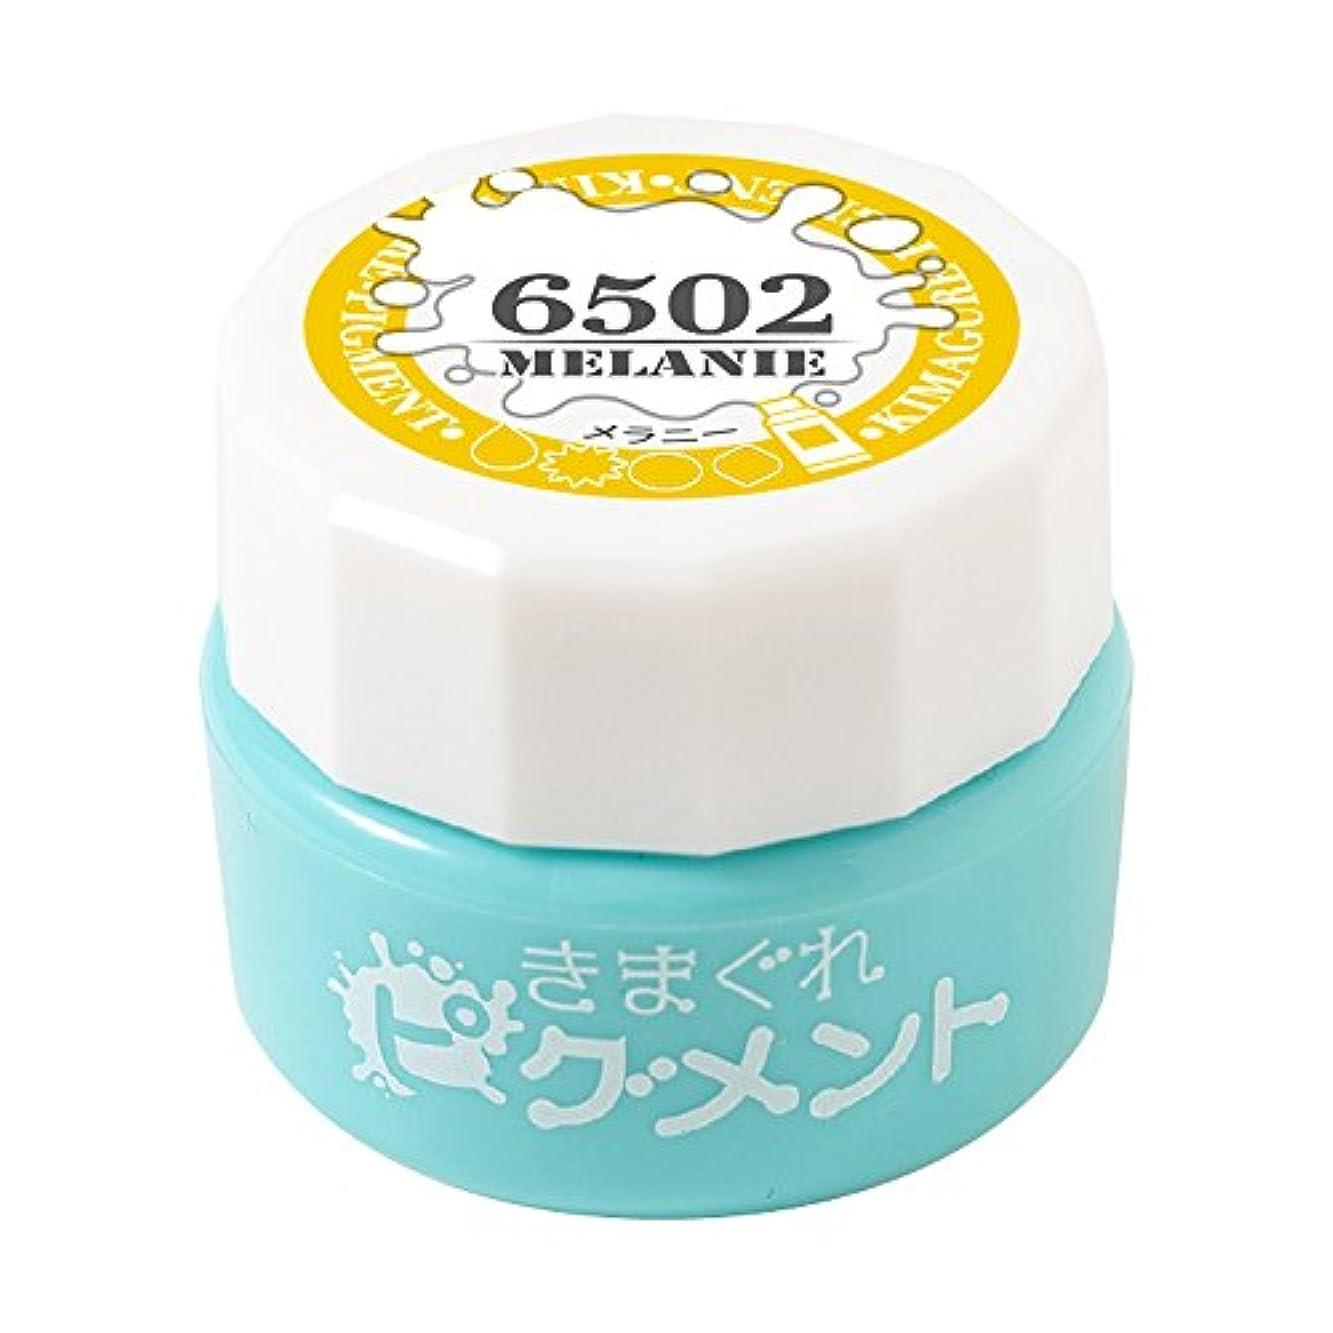 挑む価値のない快適Bettygel きまぐれピグメント メラニー QYJ-6502 4g UV/LED対応